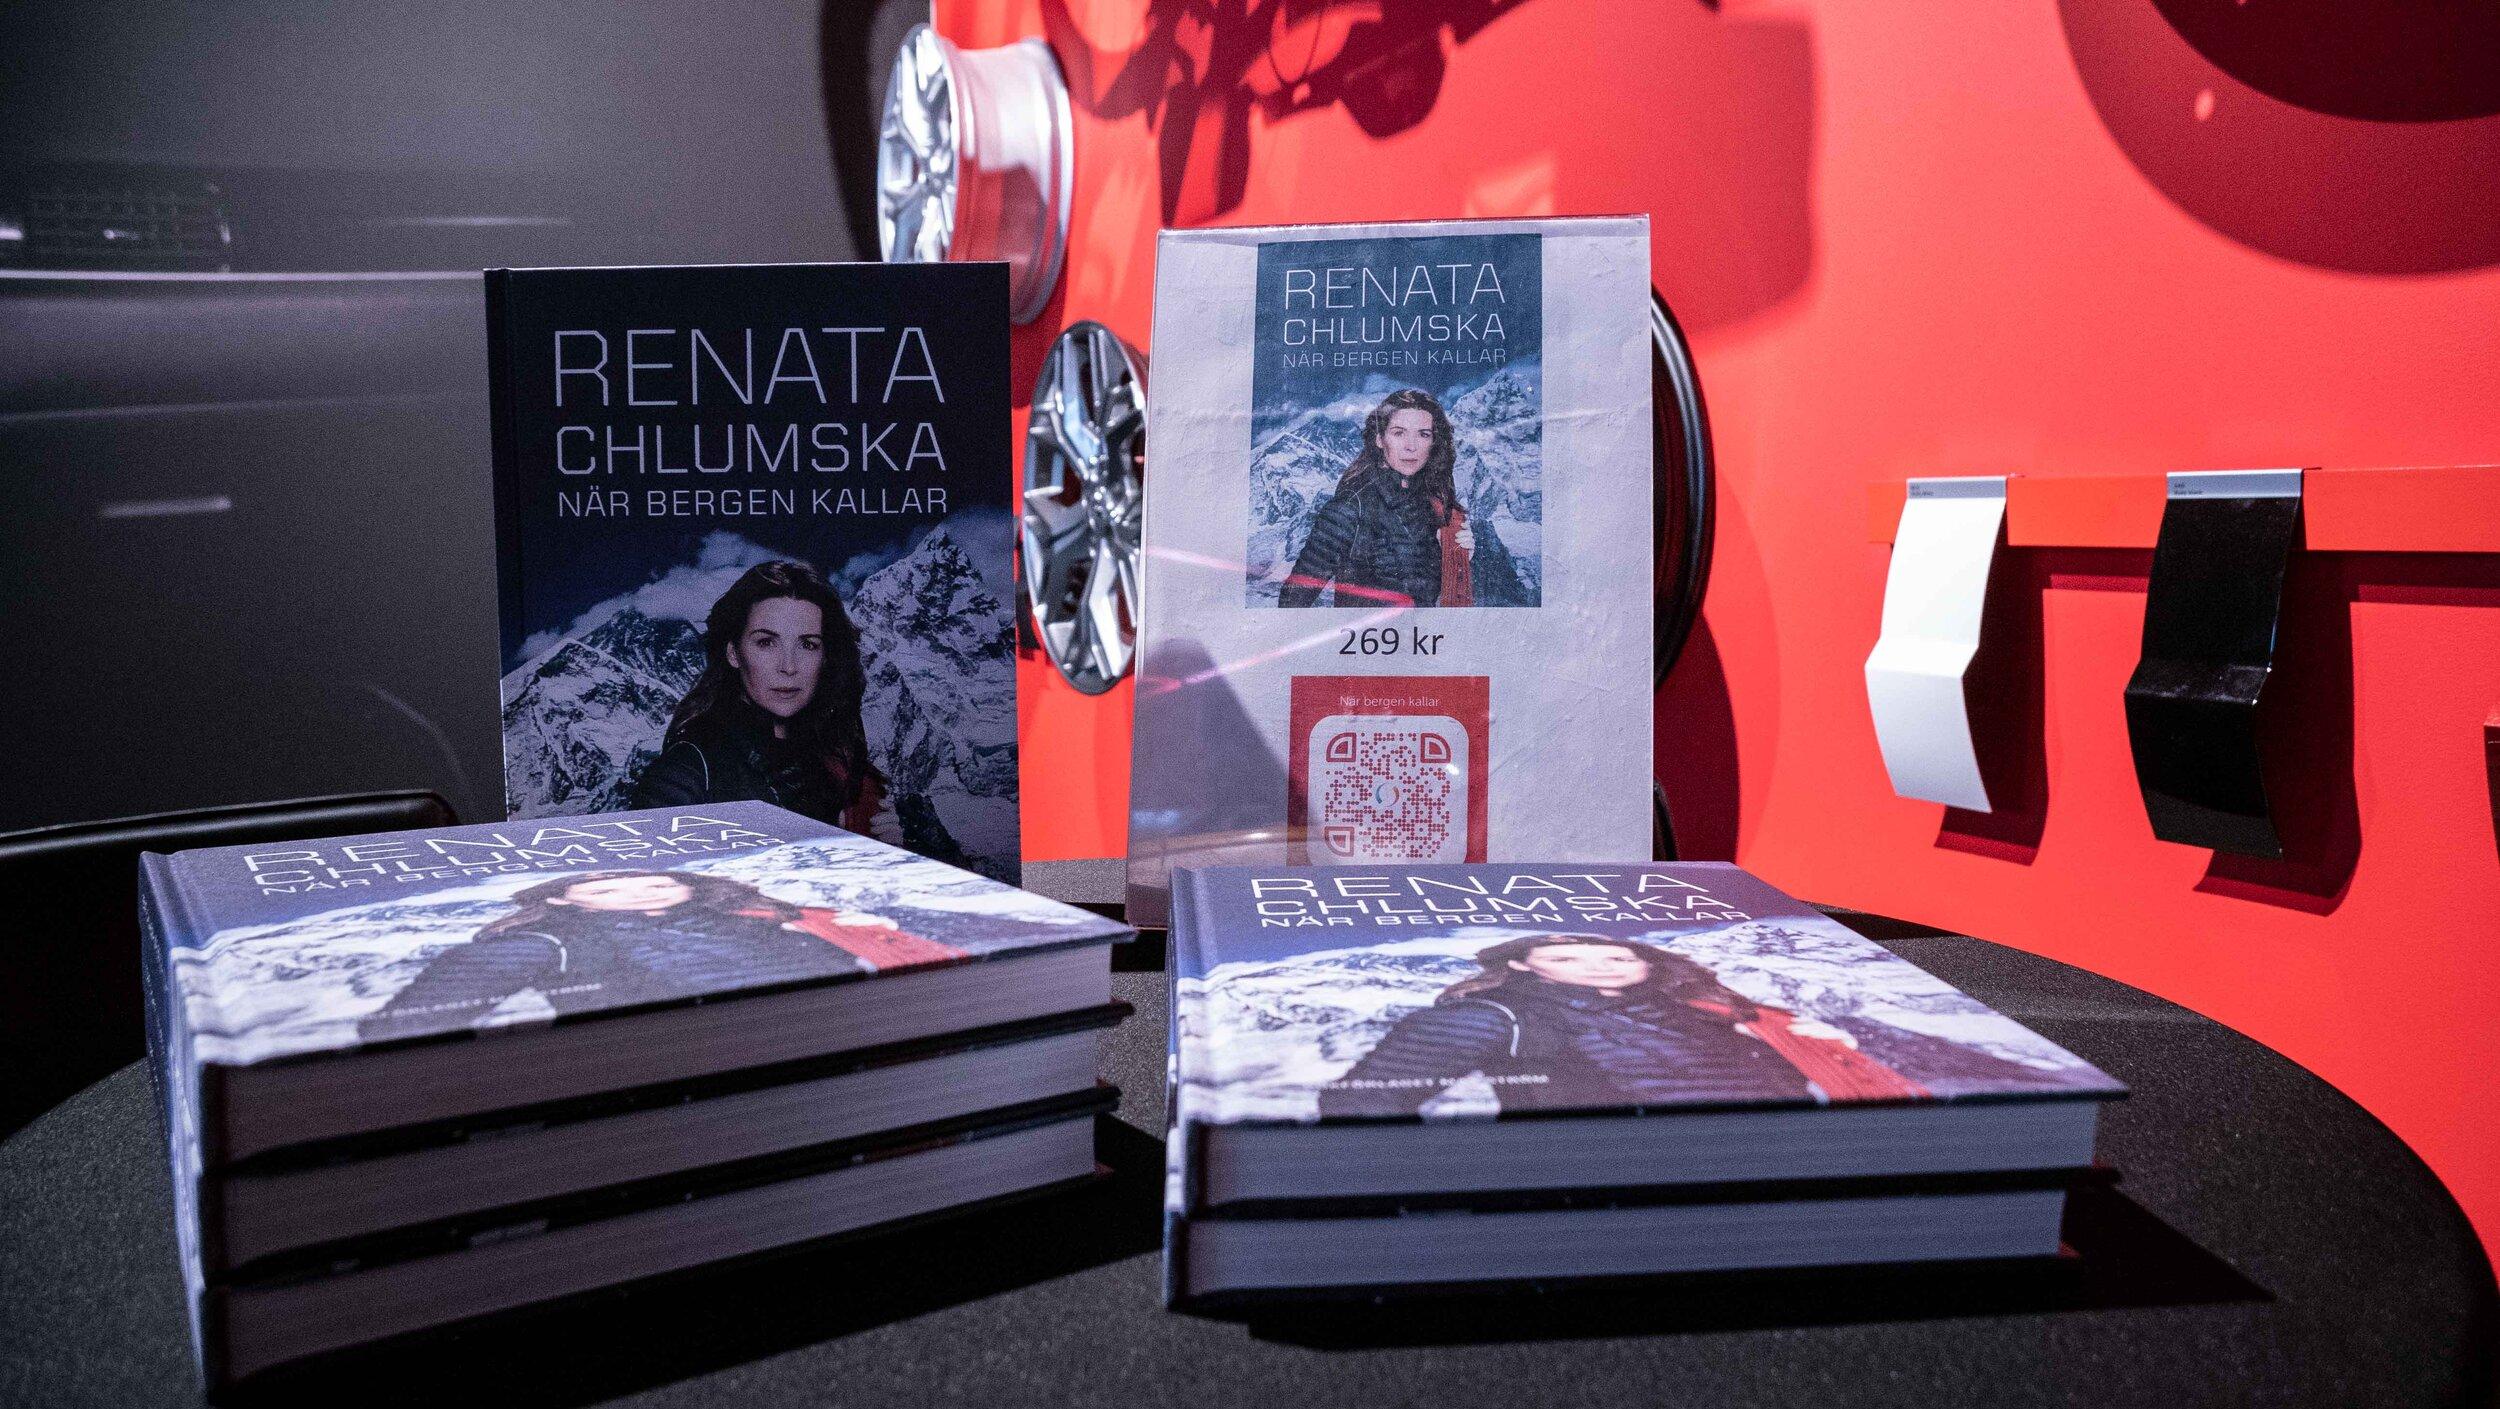 BOOK SIGNING WITH RENATA CHLUMSKA